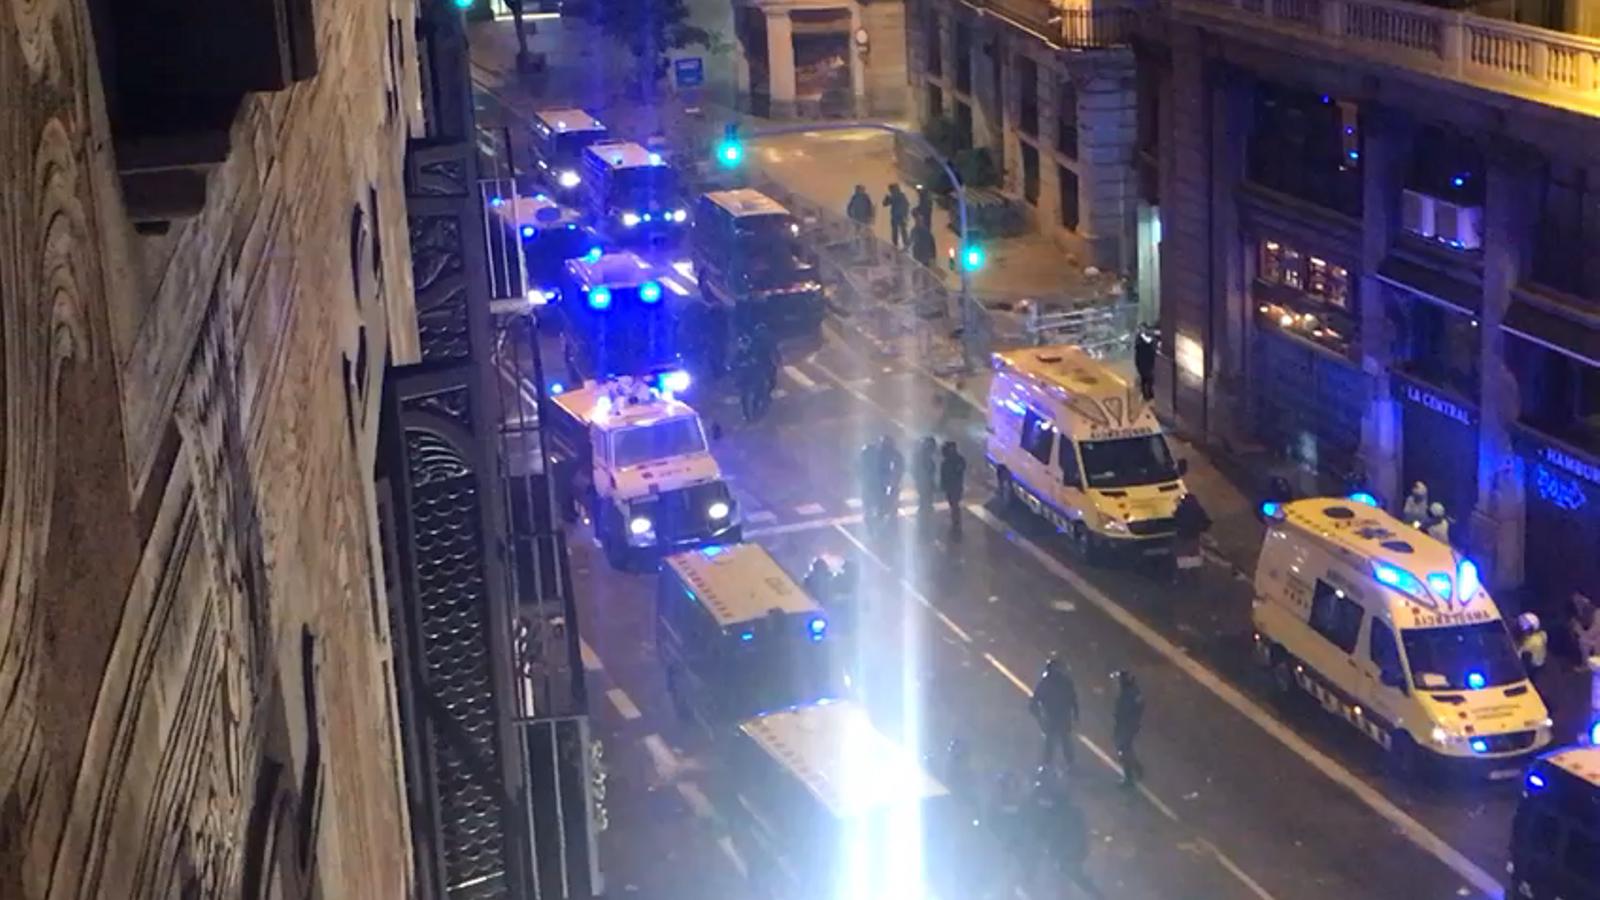 Mossos informa que utilitzarà la tanqueta d'aigua a la Via Laietana per obrir pas, però no per tirar aigua